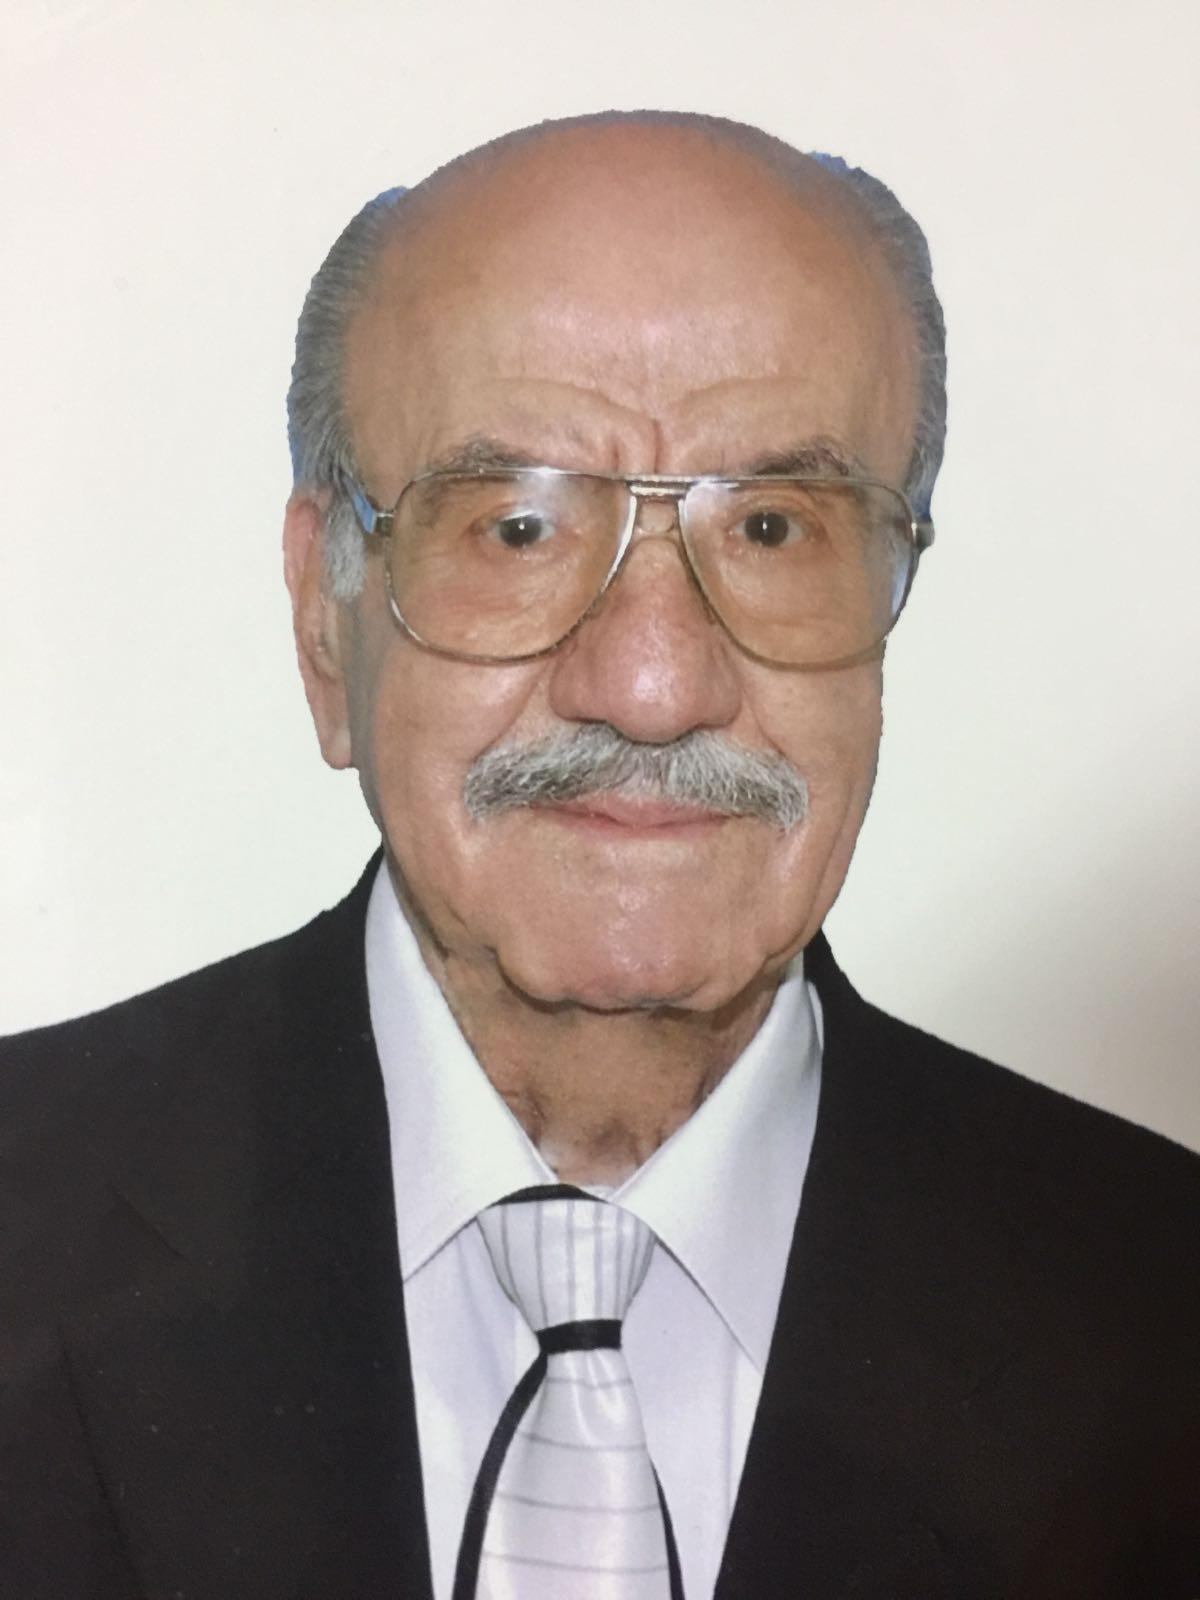 كفرياسيف: وفاة الفاضل سعيد ميخائيل بولس - ابو العفيف